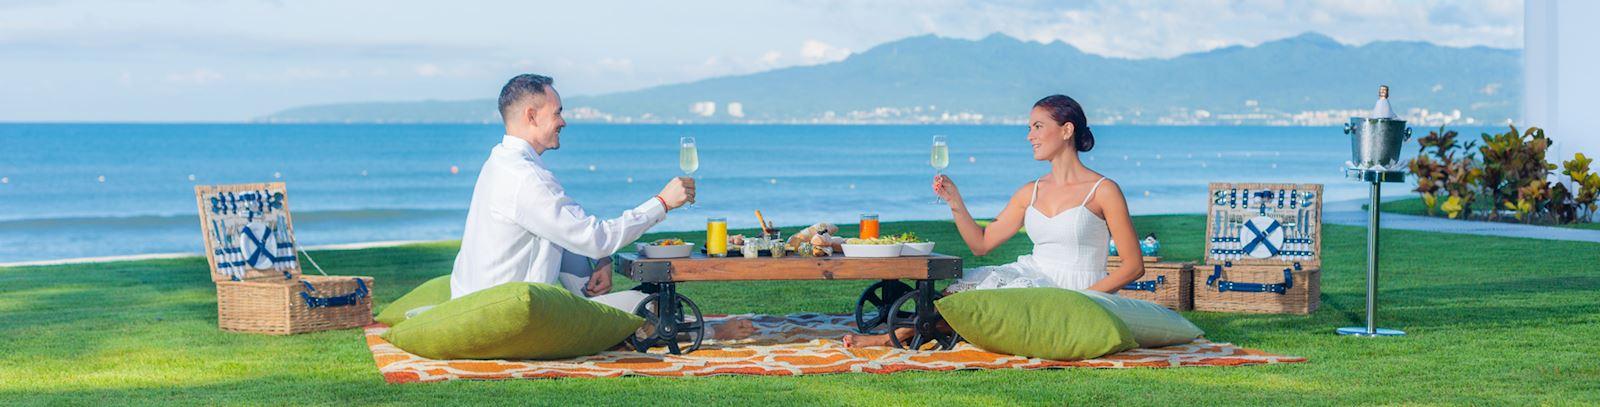 Picnic para enamorados - Grand Velas Riviera Nayarit